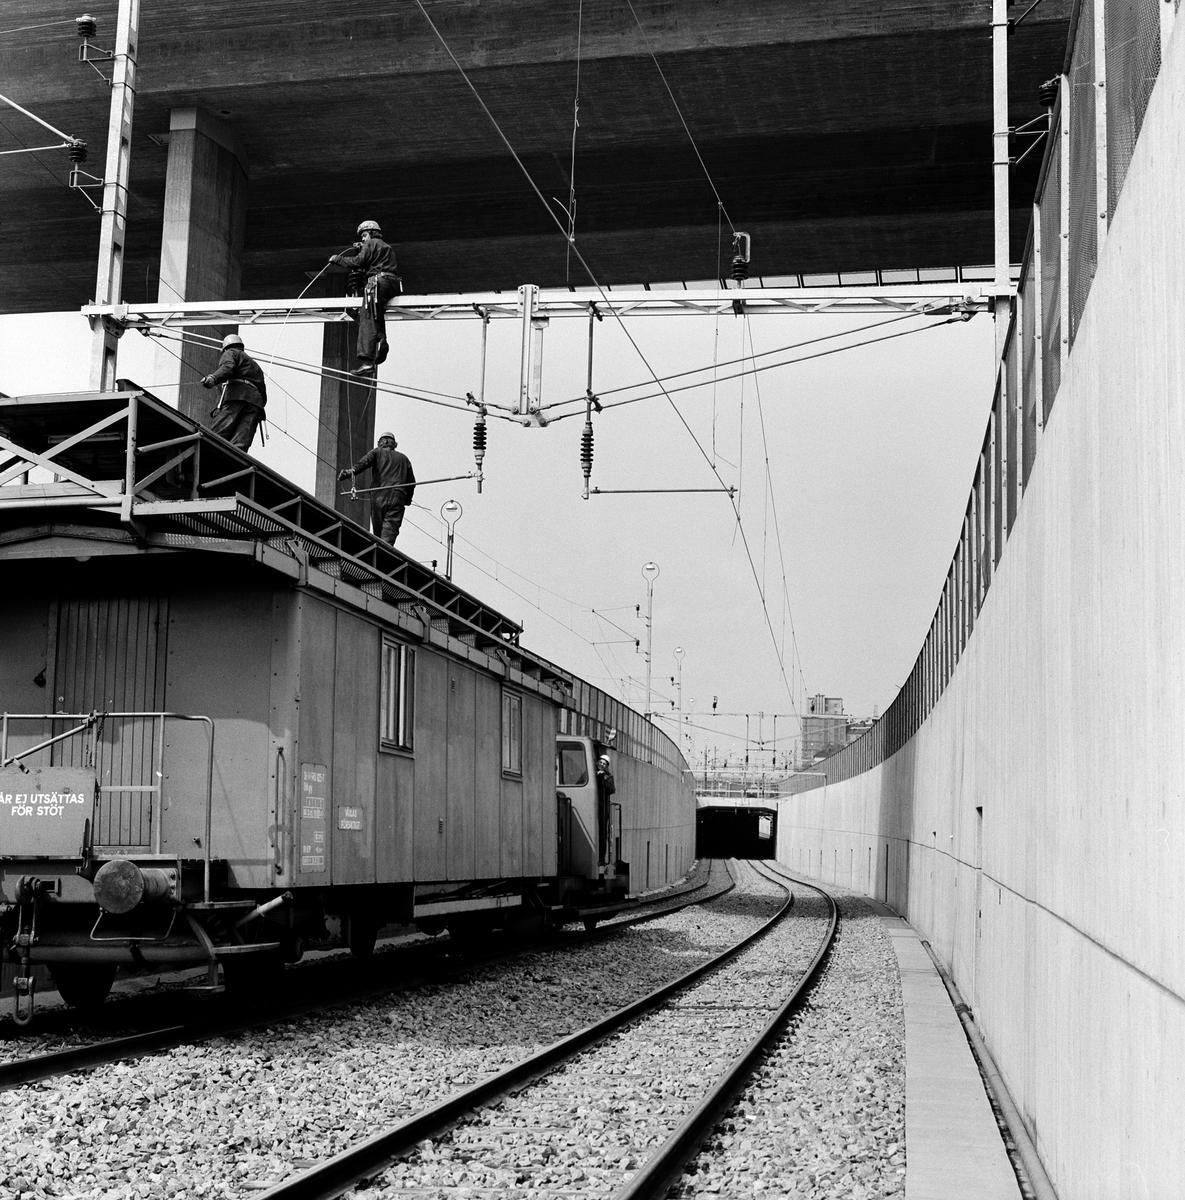 Statens Järnvägar SJ Tjänstevagn för kontaktledningsarbete, under Barnhusbron. På linjen mellan Norra bantorget och Stockholm Bonnierhuset. Centralstationen bangårdsombyggnad.